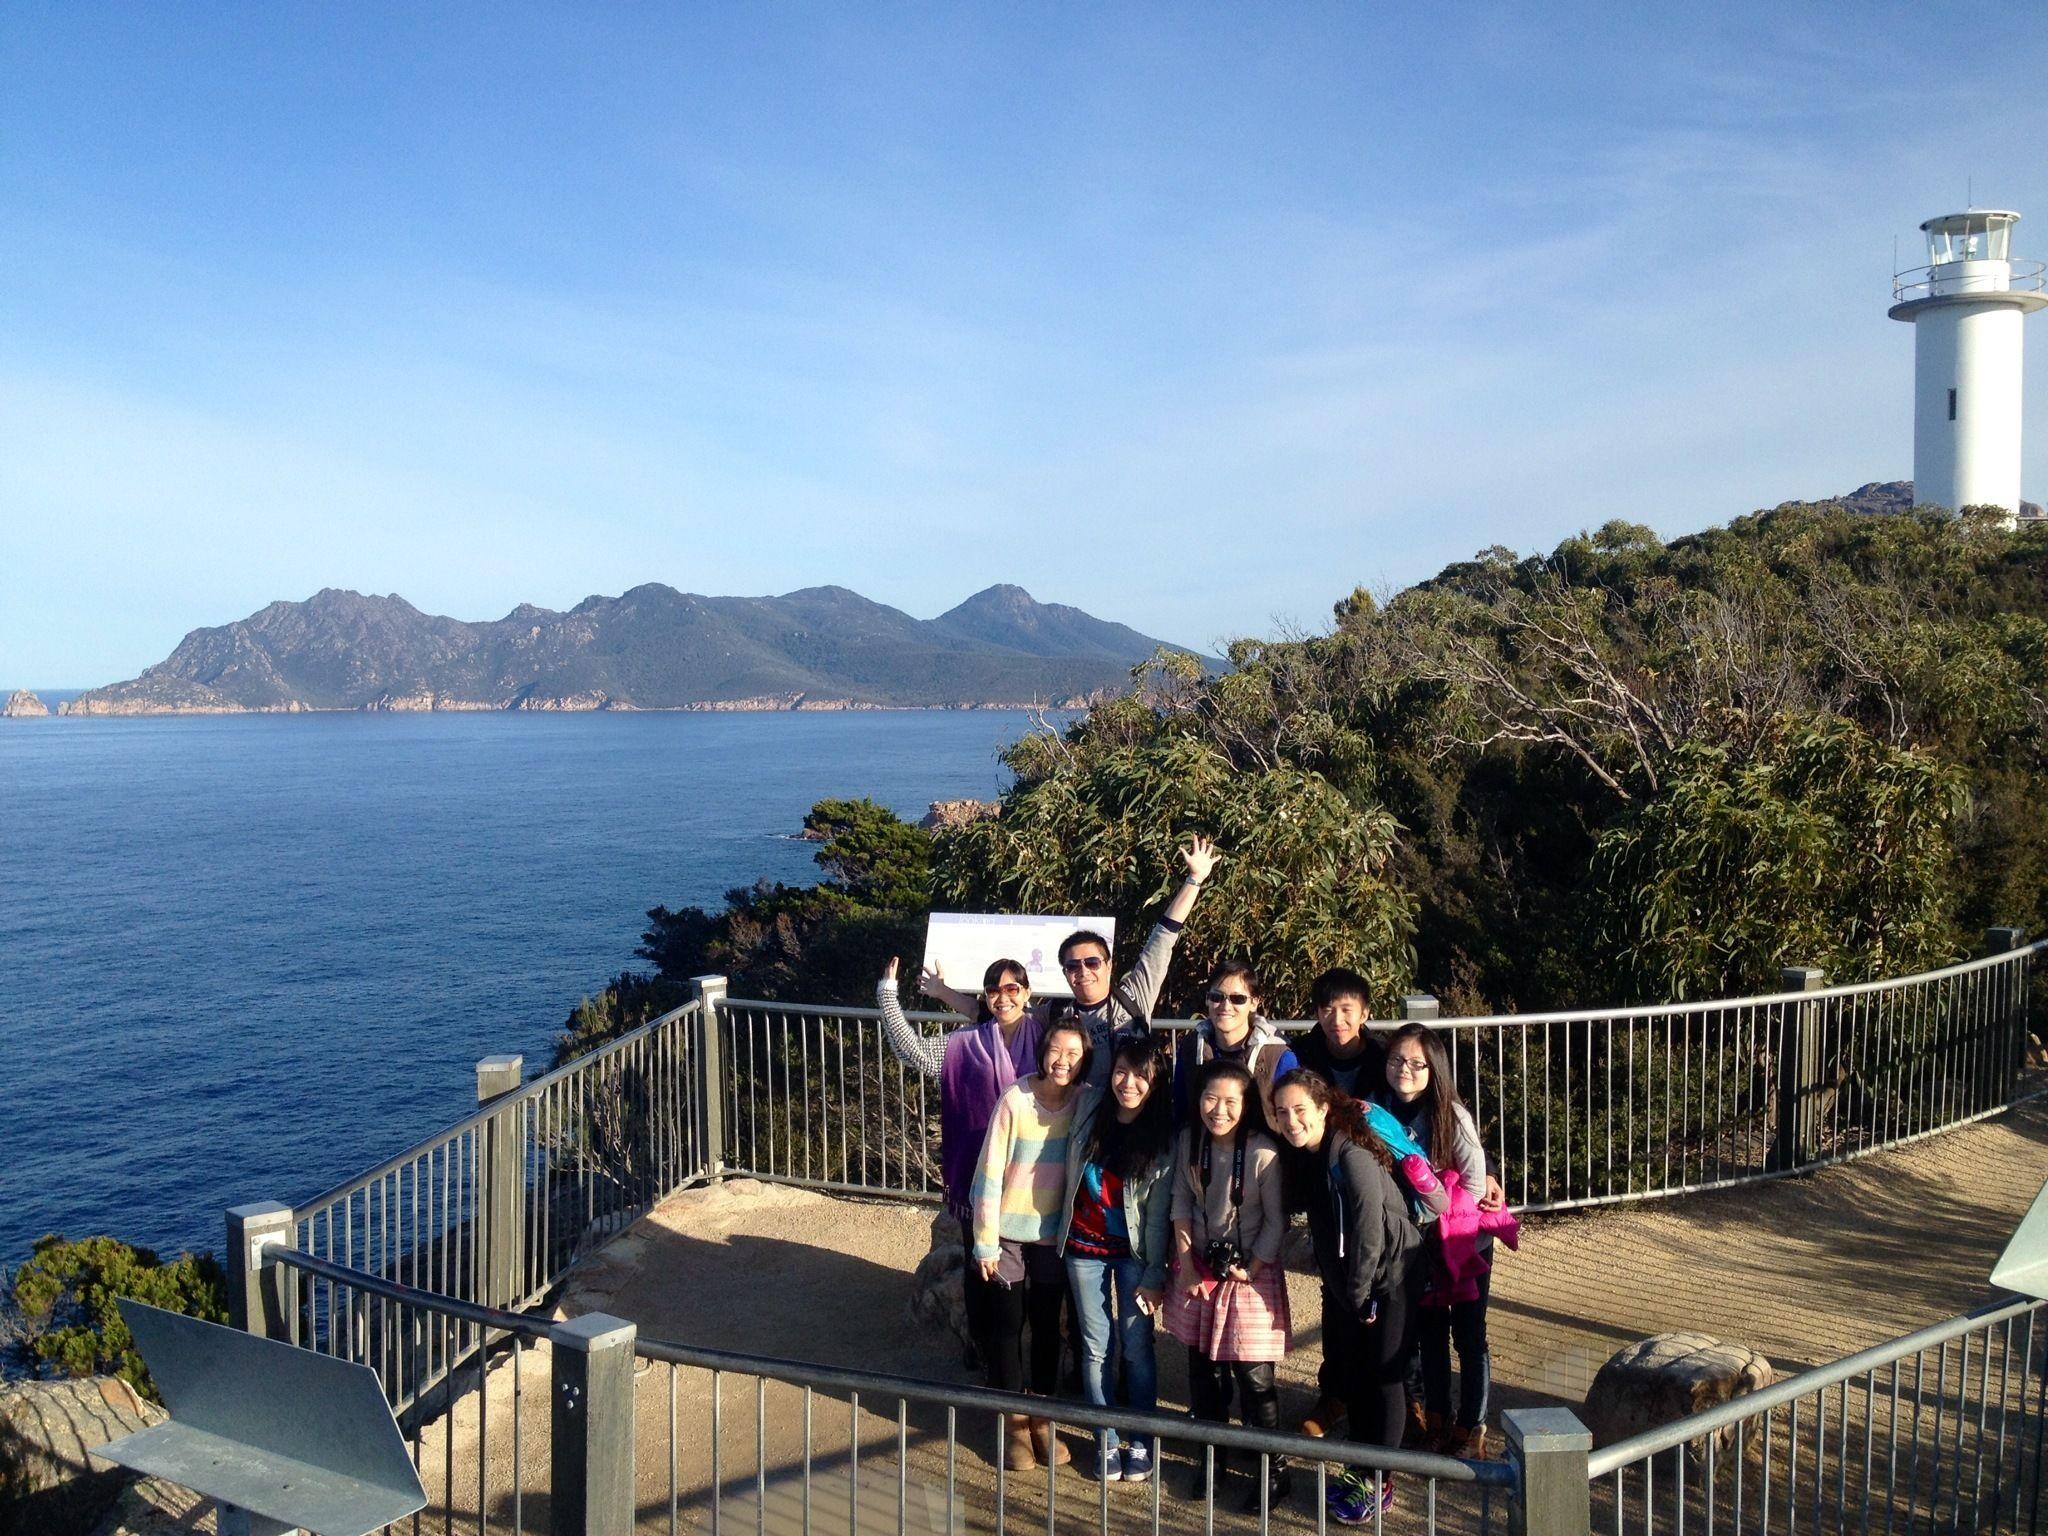 3-Day Tasmania Tour from Launceston to Hobart